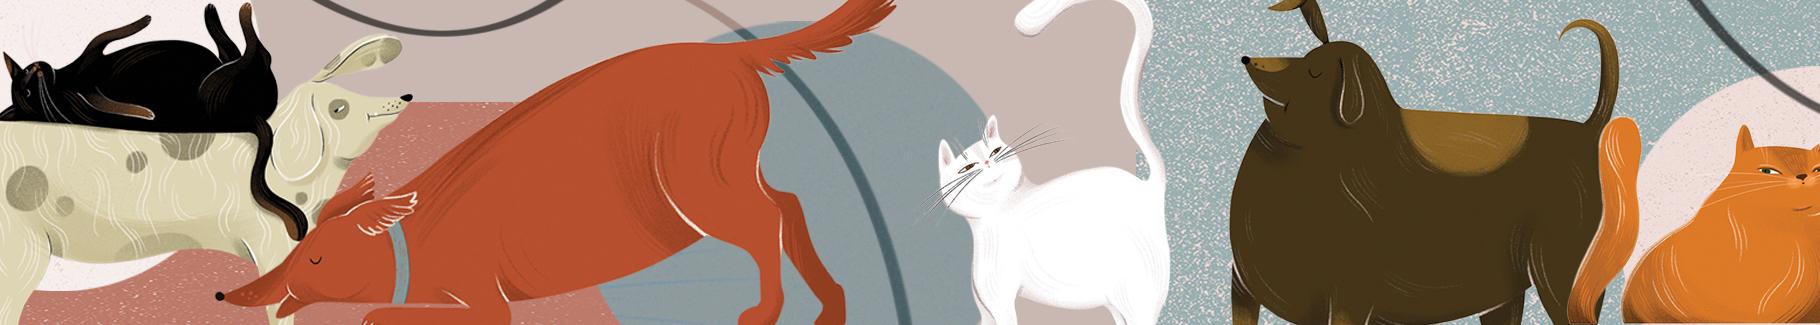 Plakat zwierzaki cudaki